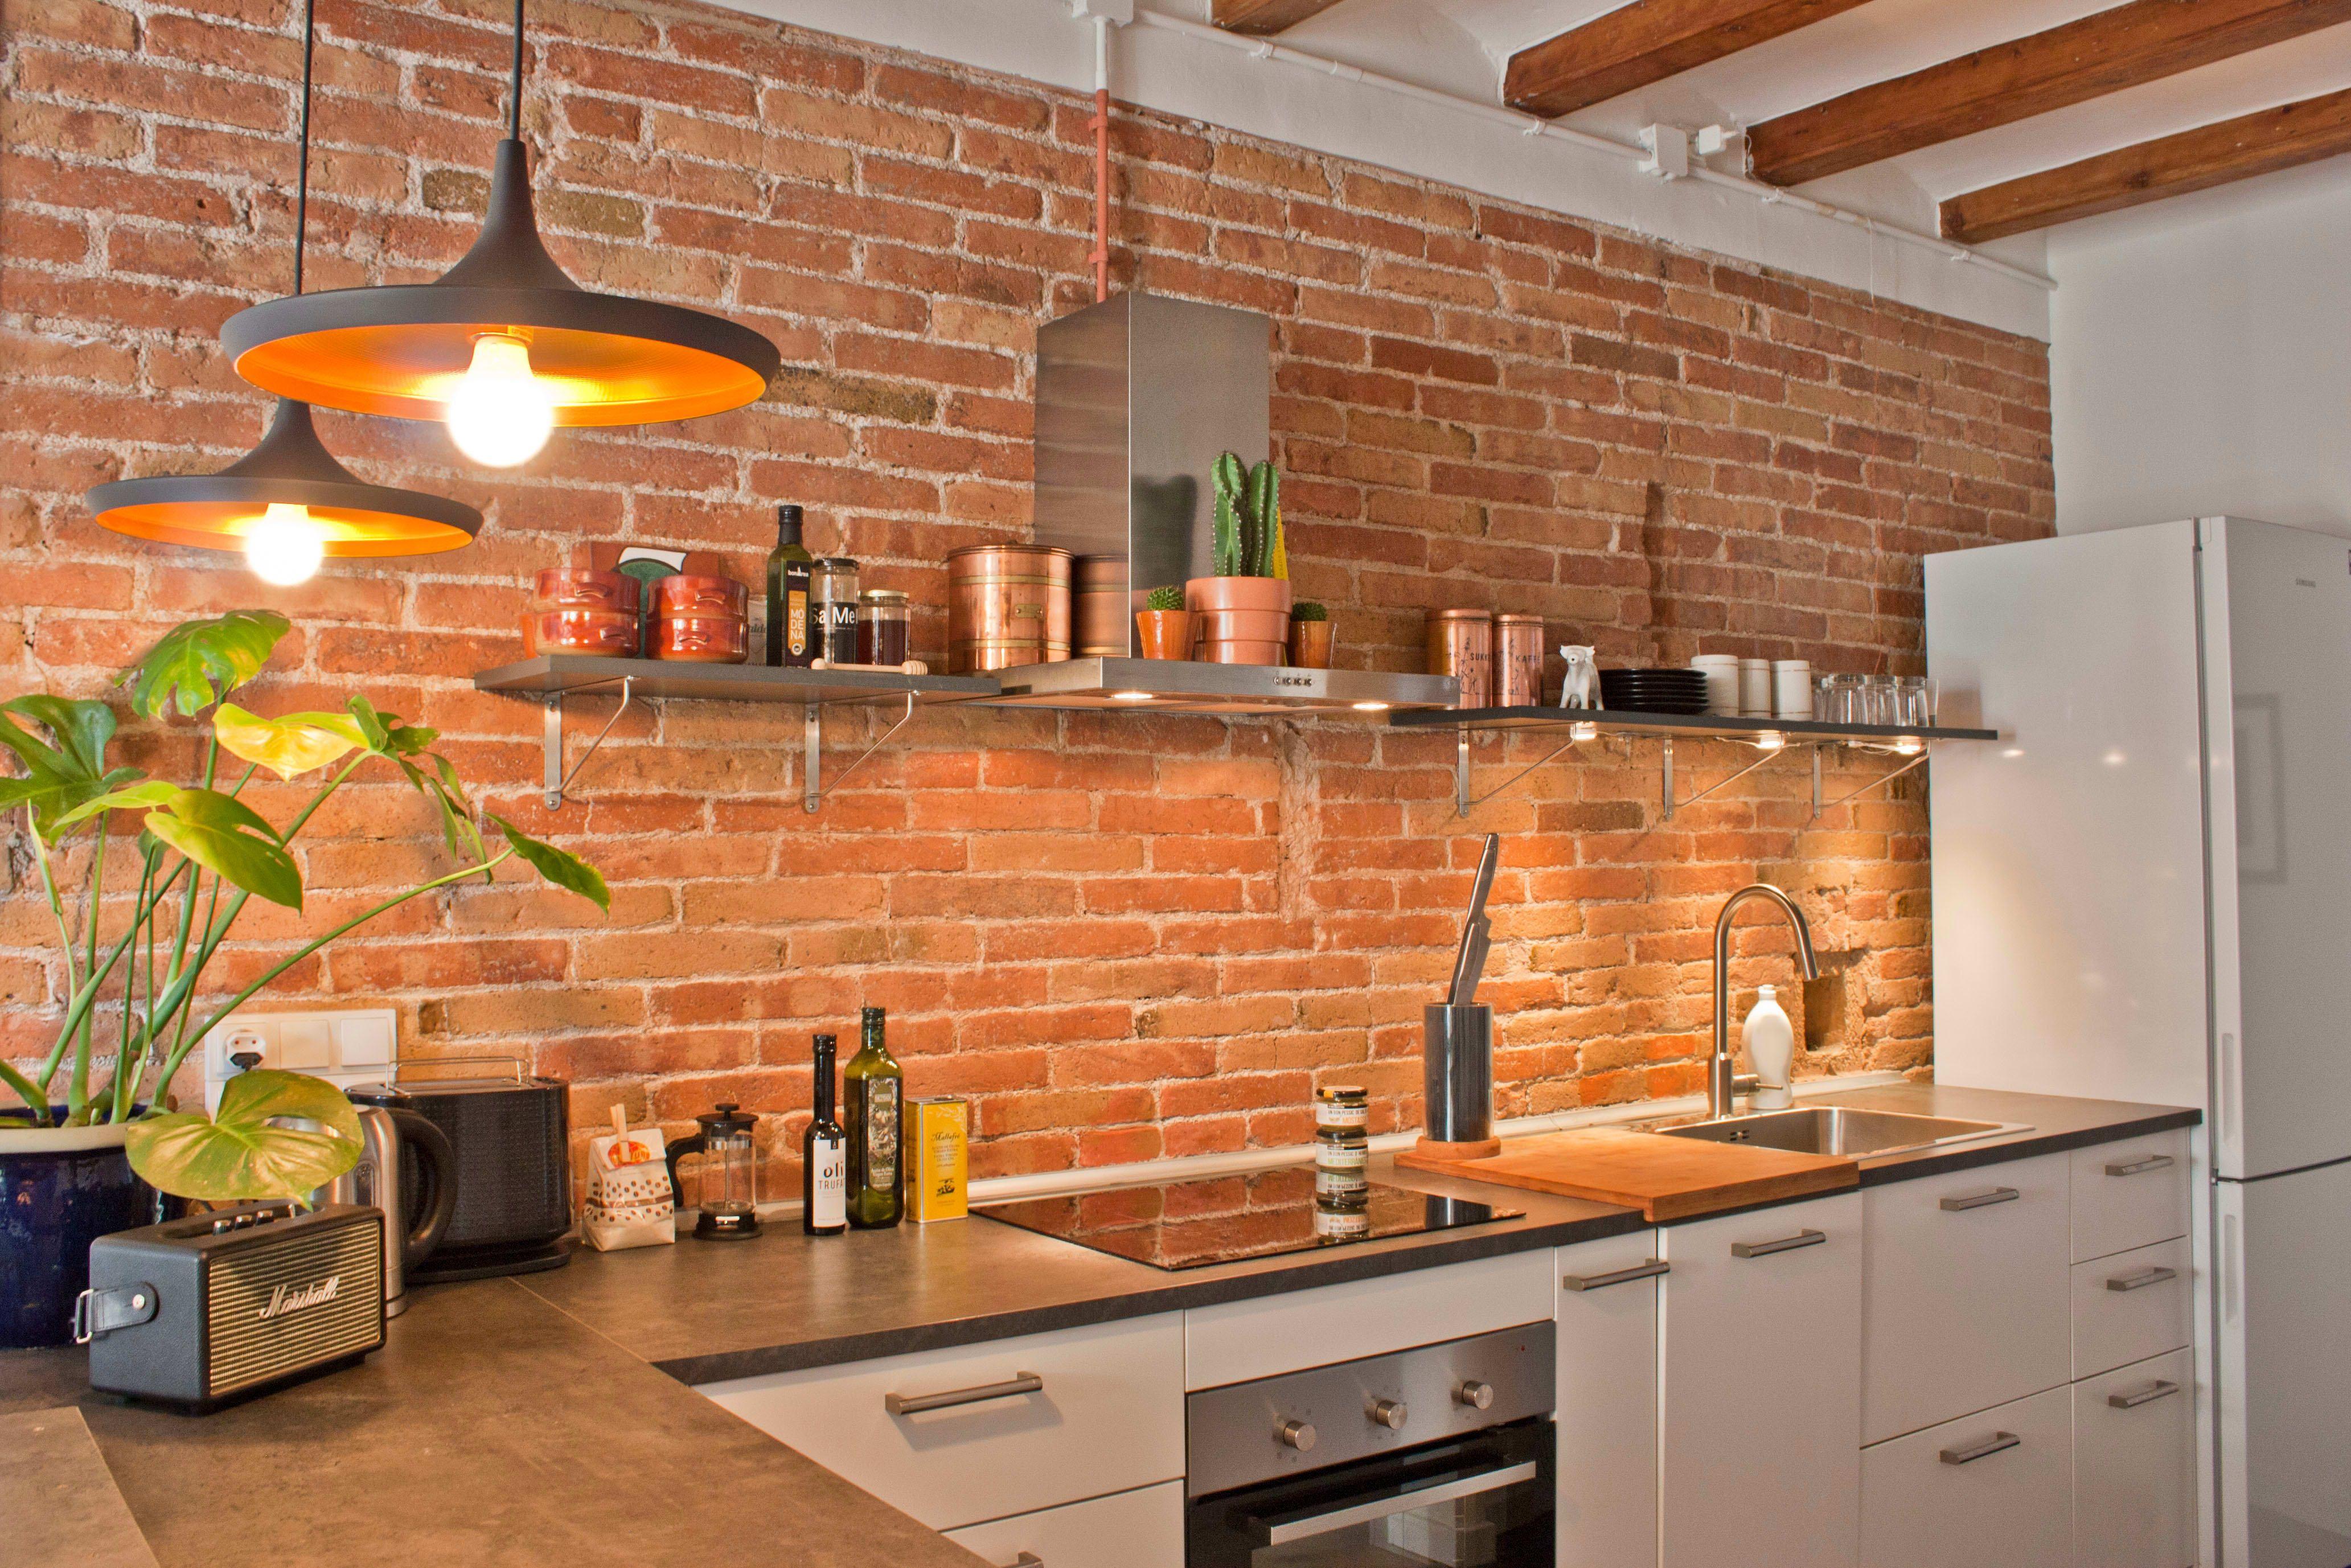 A Barcelona Home Got a Scandinavian Inspired Remodel   Brick ...